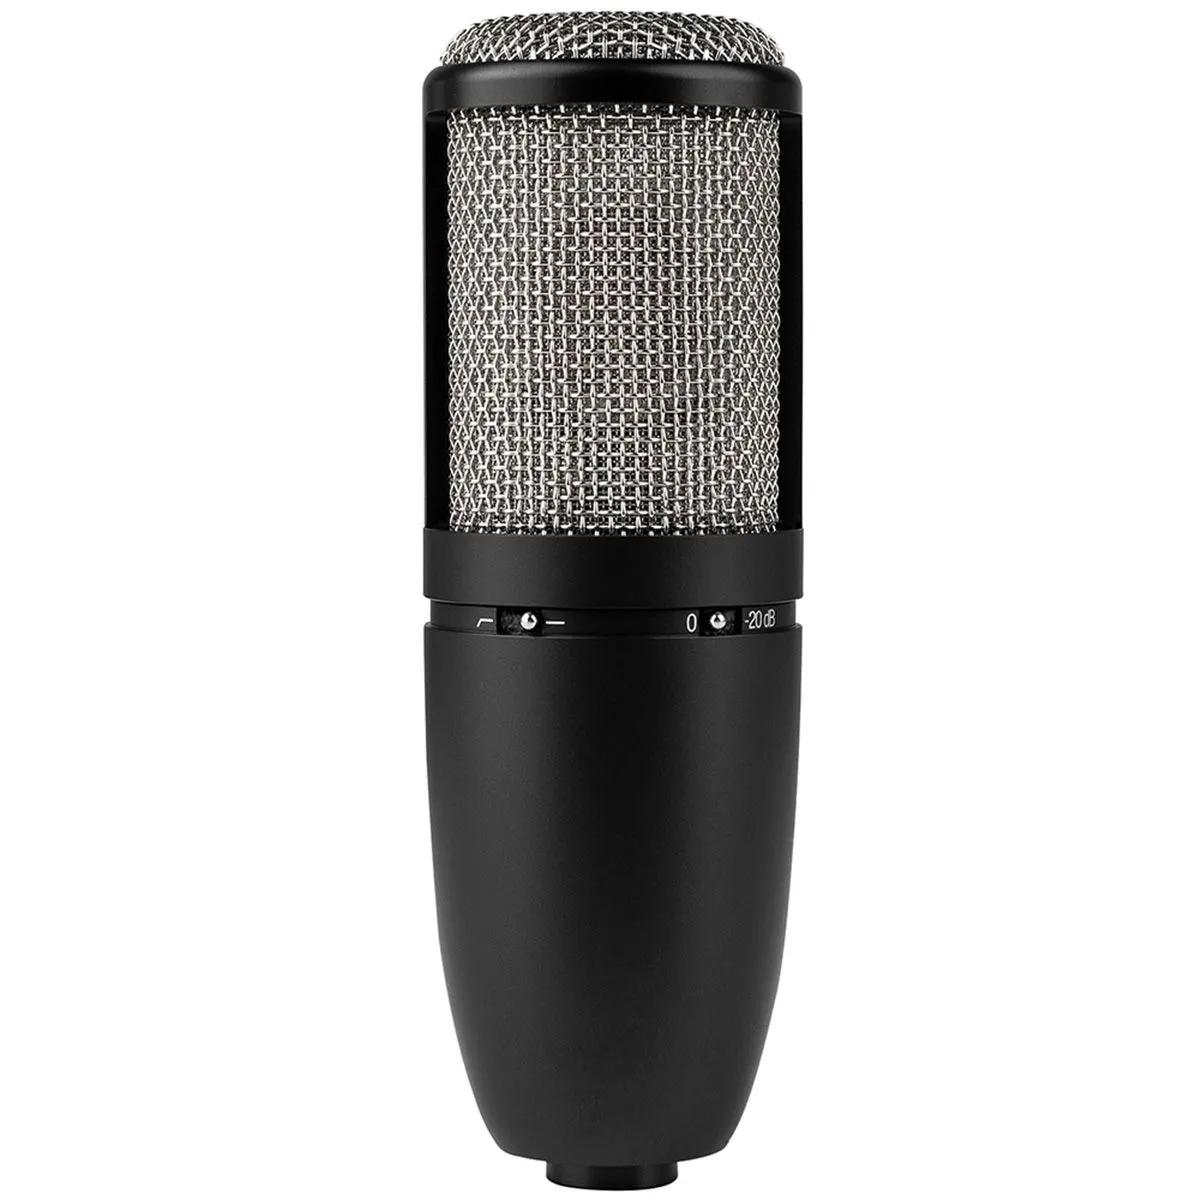 Microfone AKG P420 Condensador Cardioide